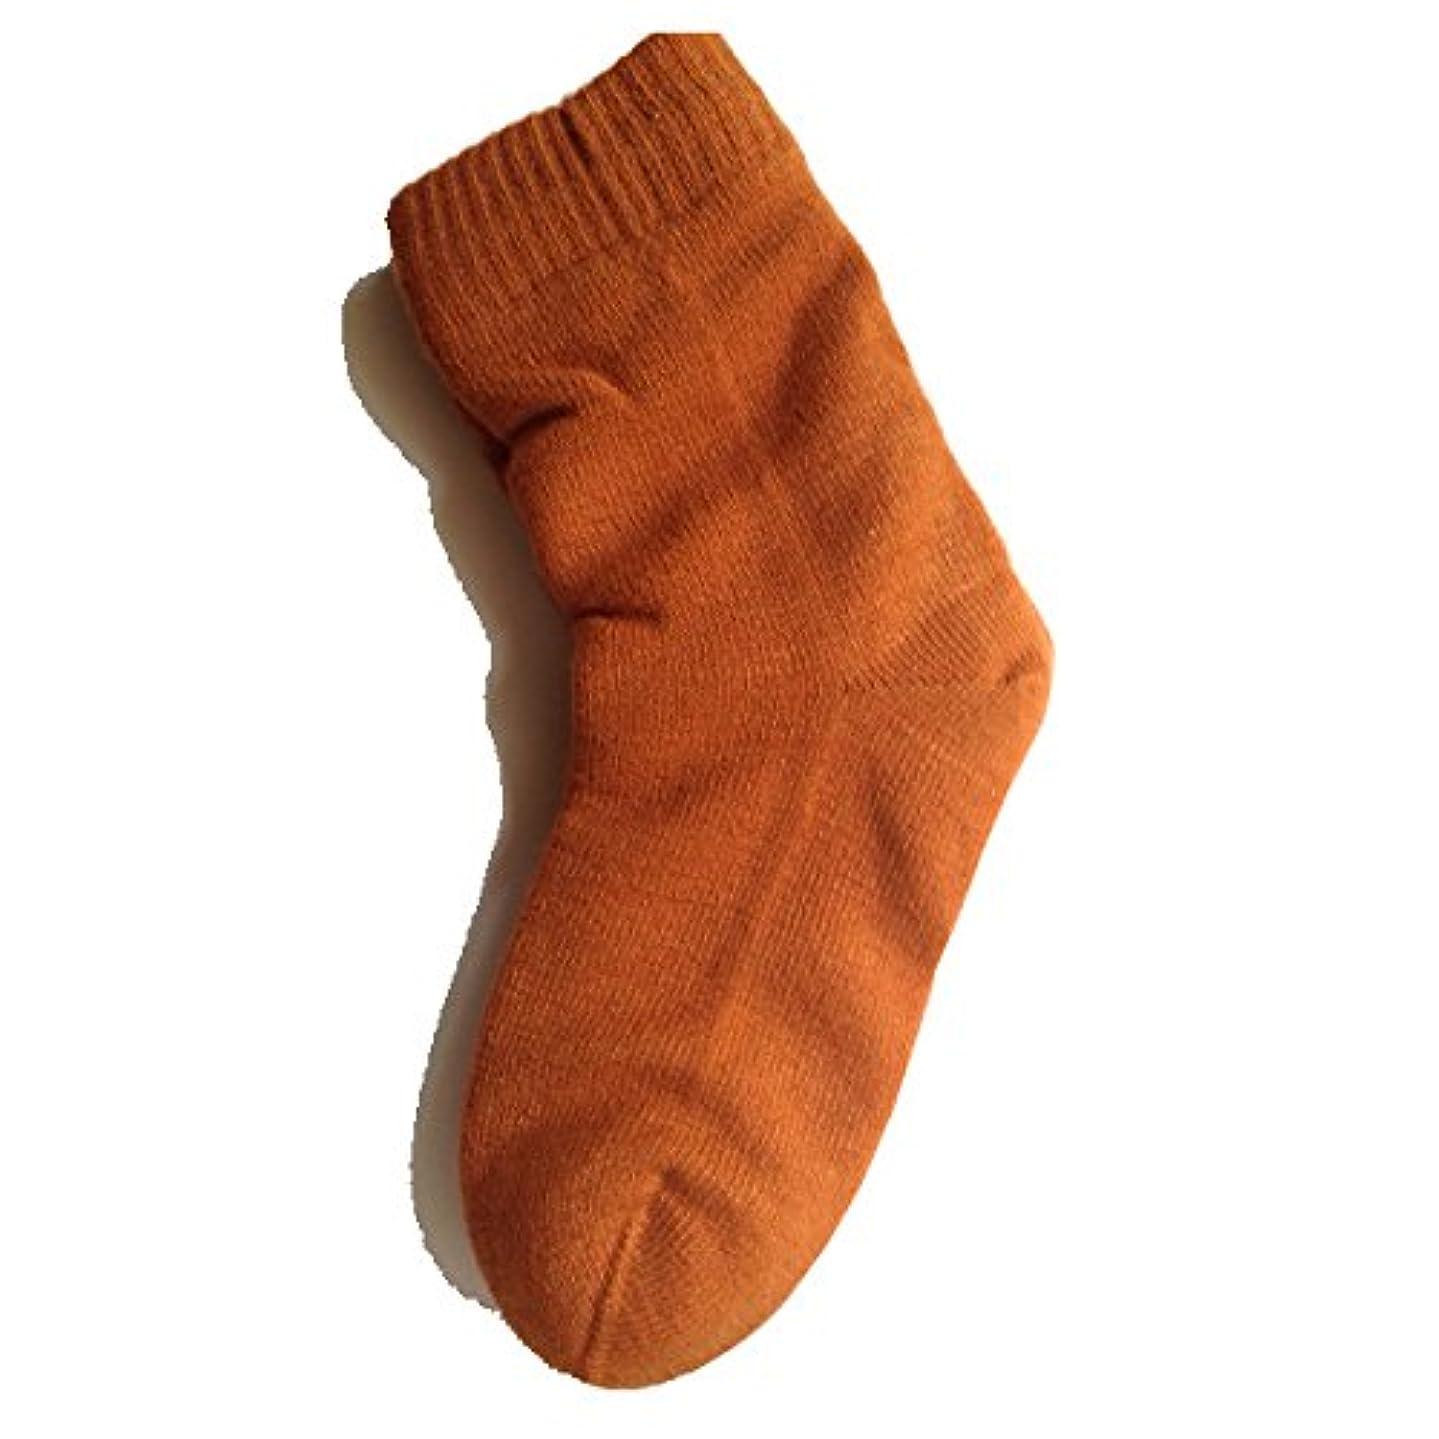 モンクバズ通り女性用 カサカサかかと解消靴下 ラブヒール パーシアンレッド 【遠赤外線パワー&温熱?保湿効果】